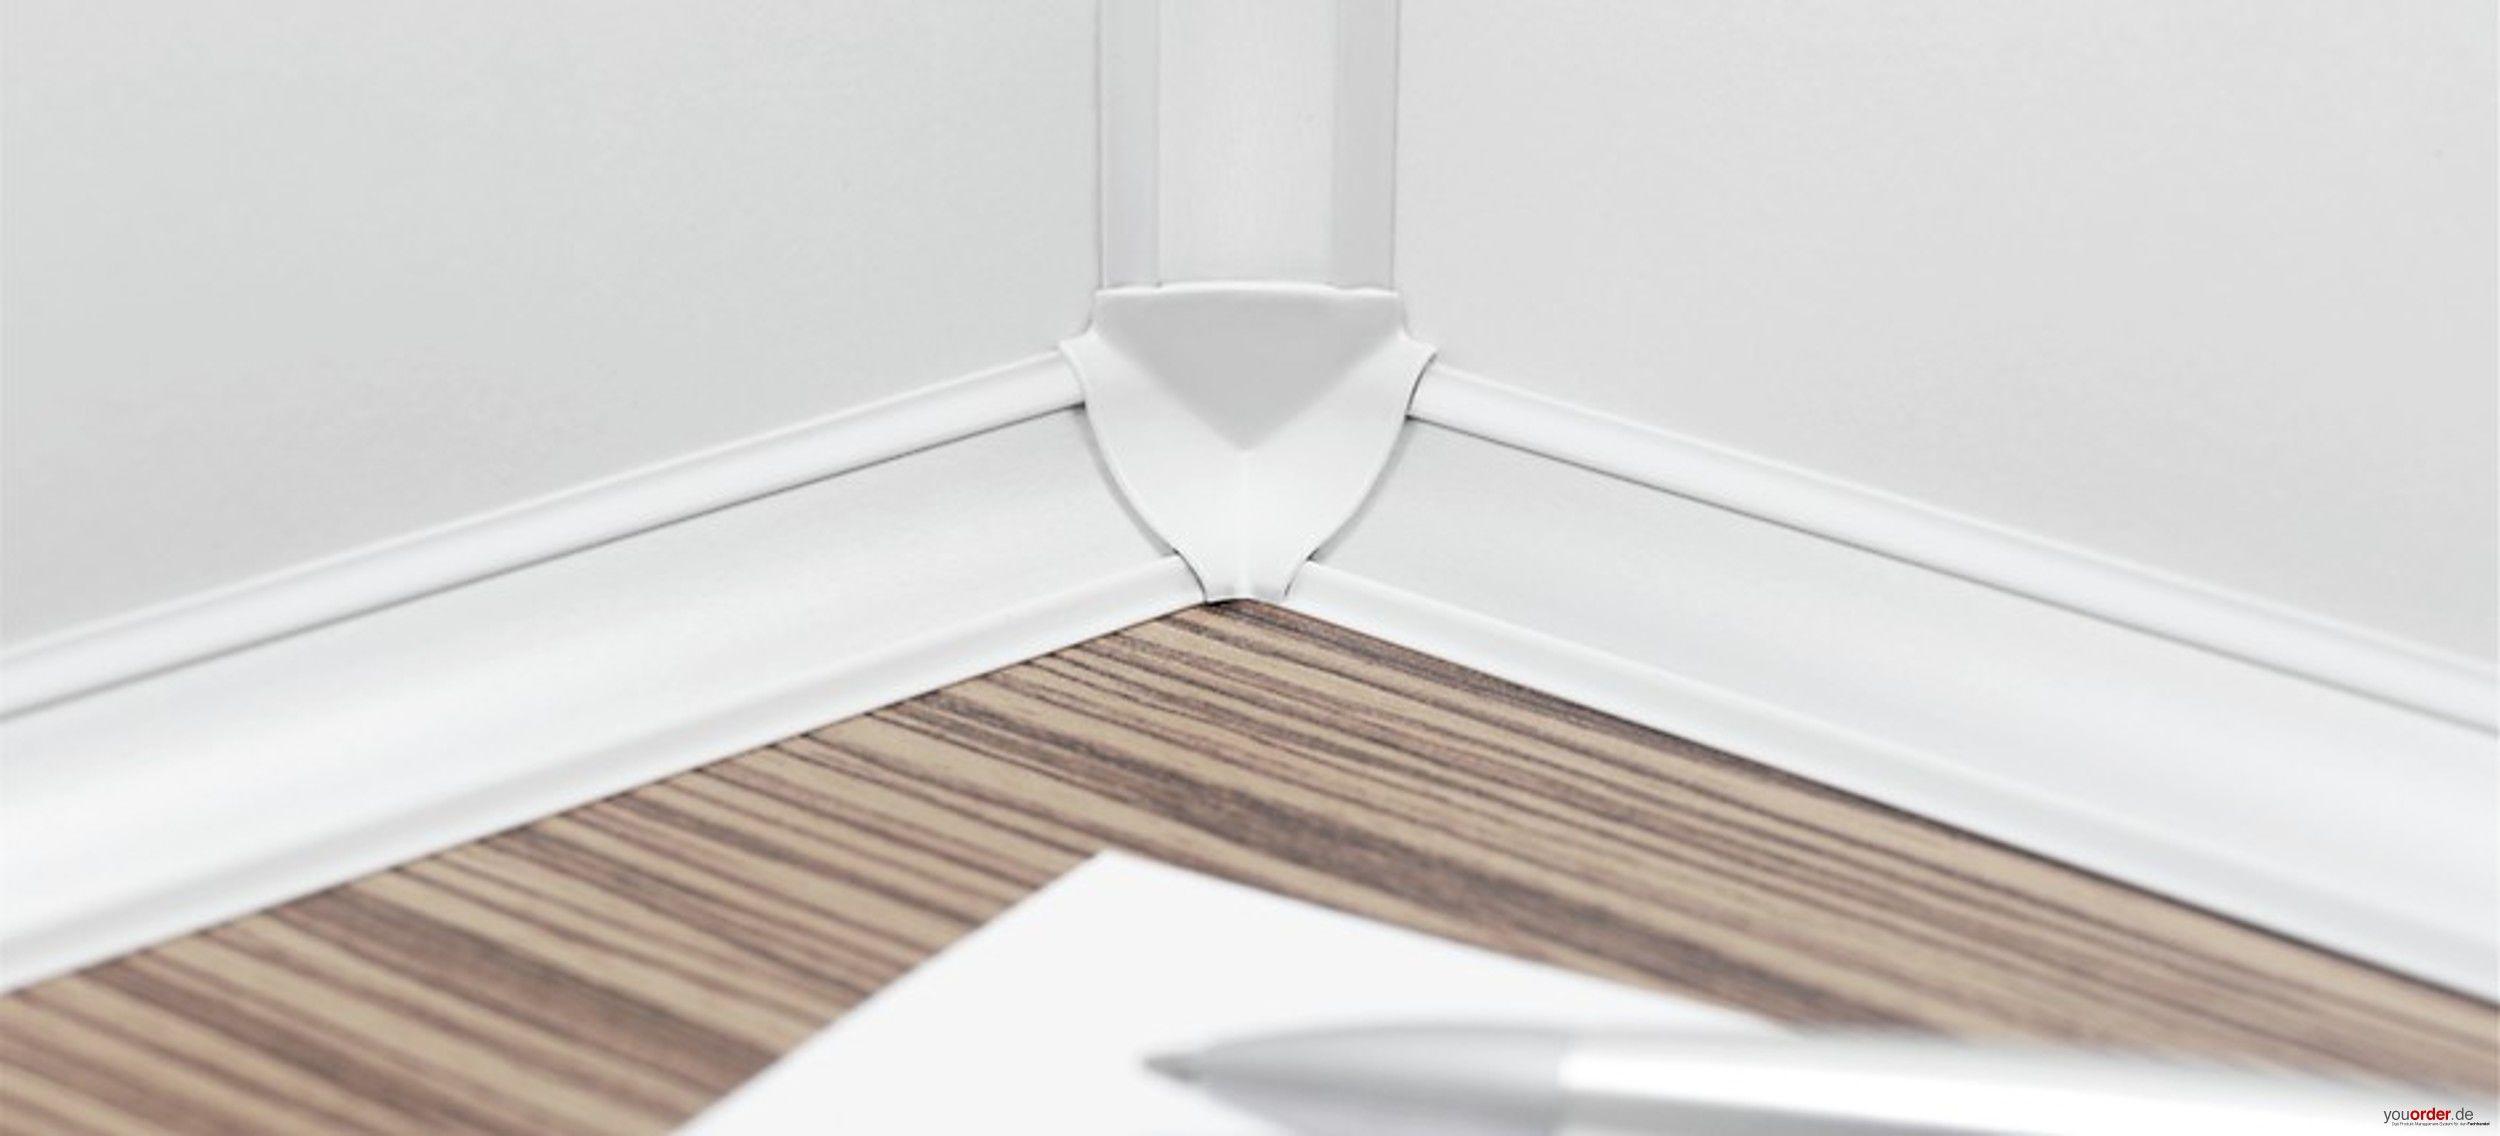 wap rehau slim line wandanschlussprofil youorder der partner zwischen hersteller und. Black Bedroom Furniture Sets. Home Design Ideas